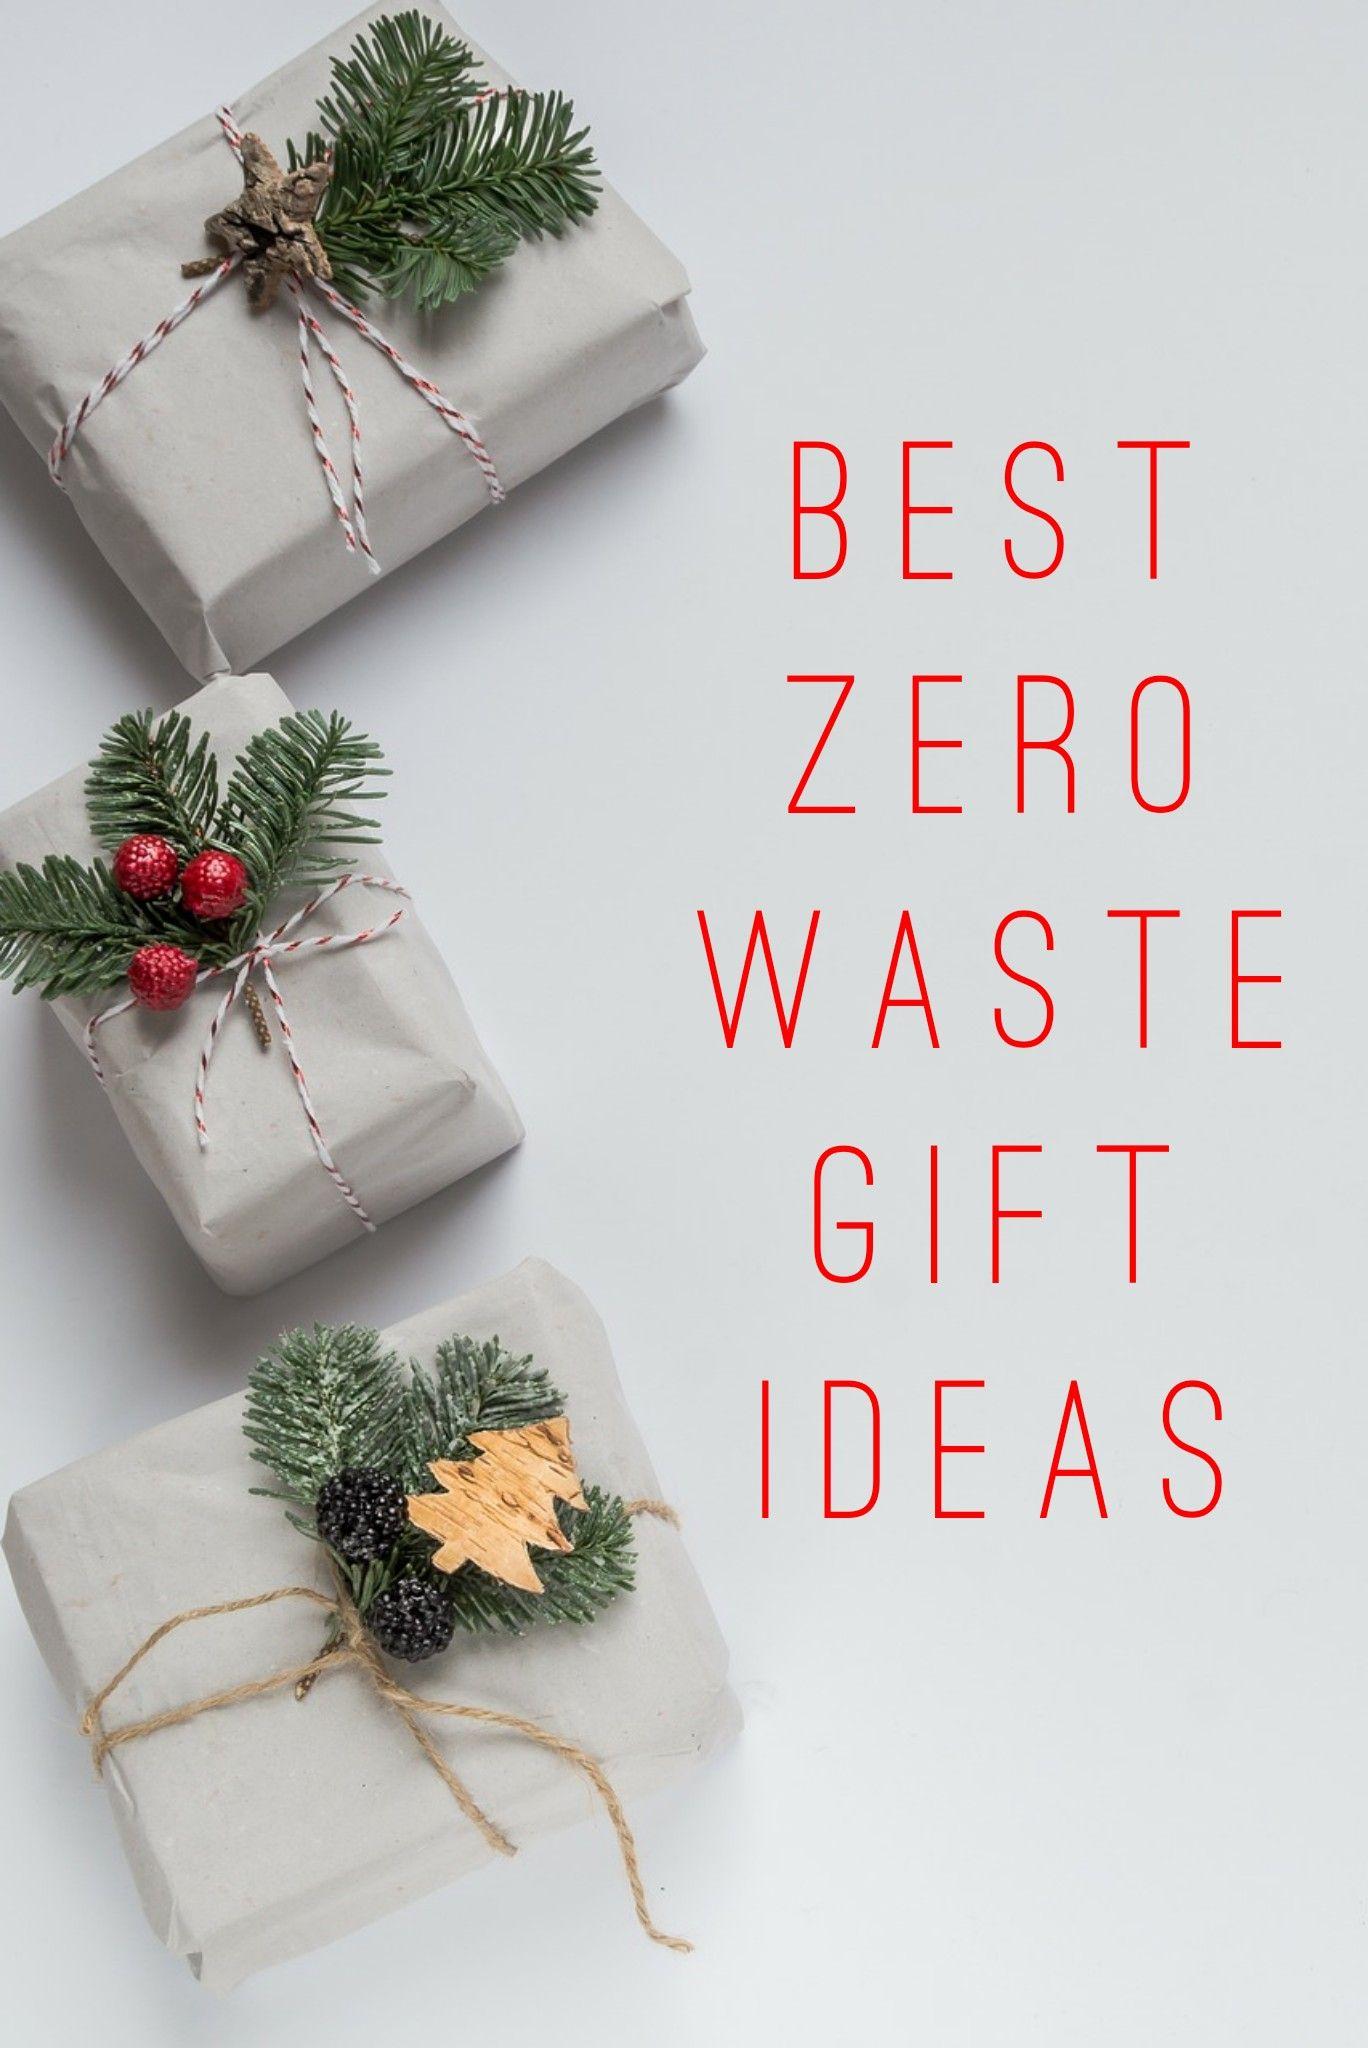 9 Best Zero Waste Gift Ideas For Christmas Vegan Adventurist Zero Waste Gifts Waste Gift Zero Waste Christmas